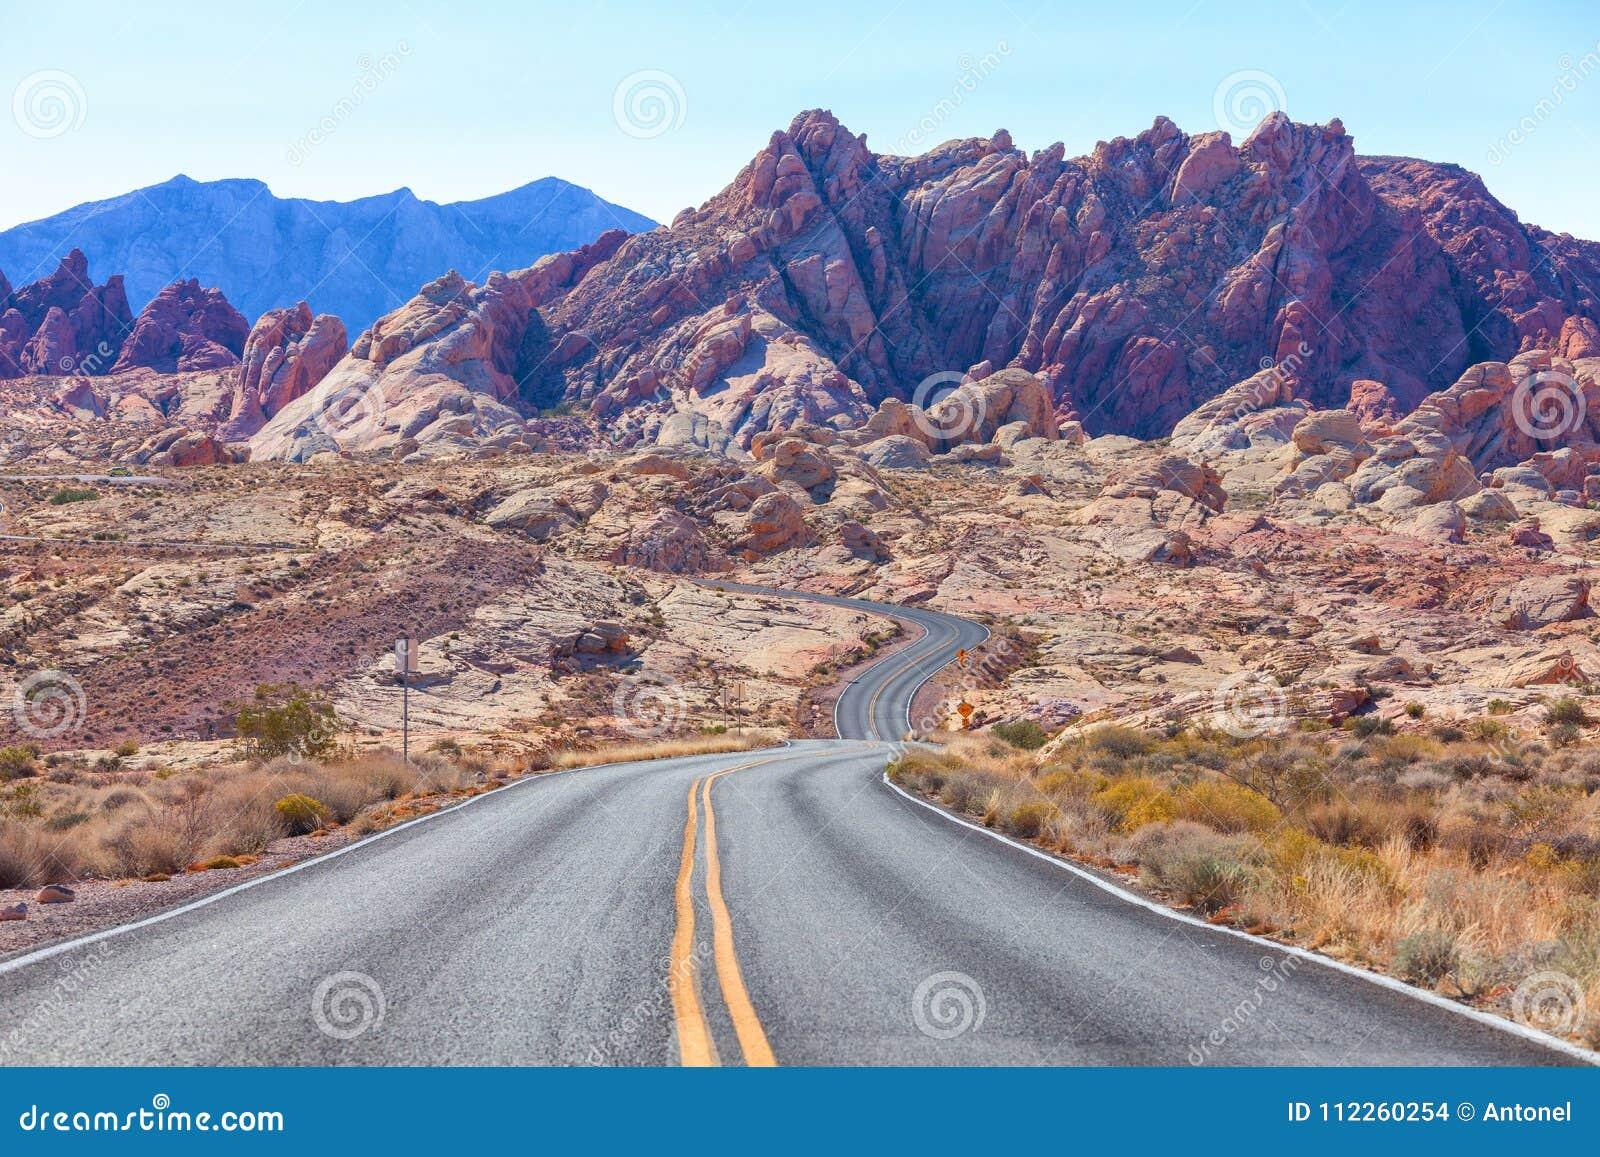 Sceniczny widok od drogi w dolinie Pożarniczy stanu park, Nevada, Stany Zjednoczone